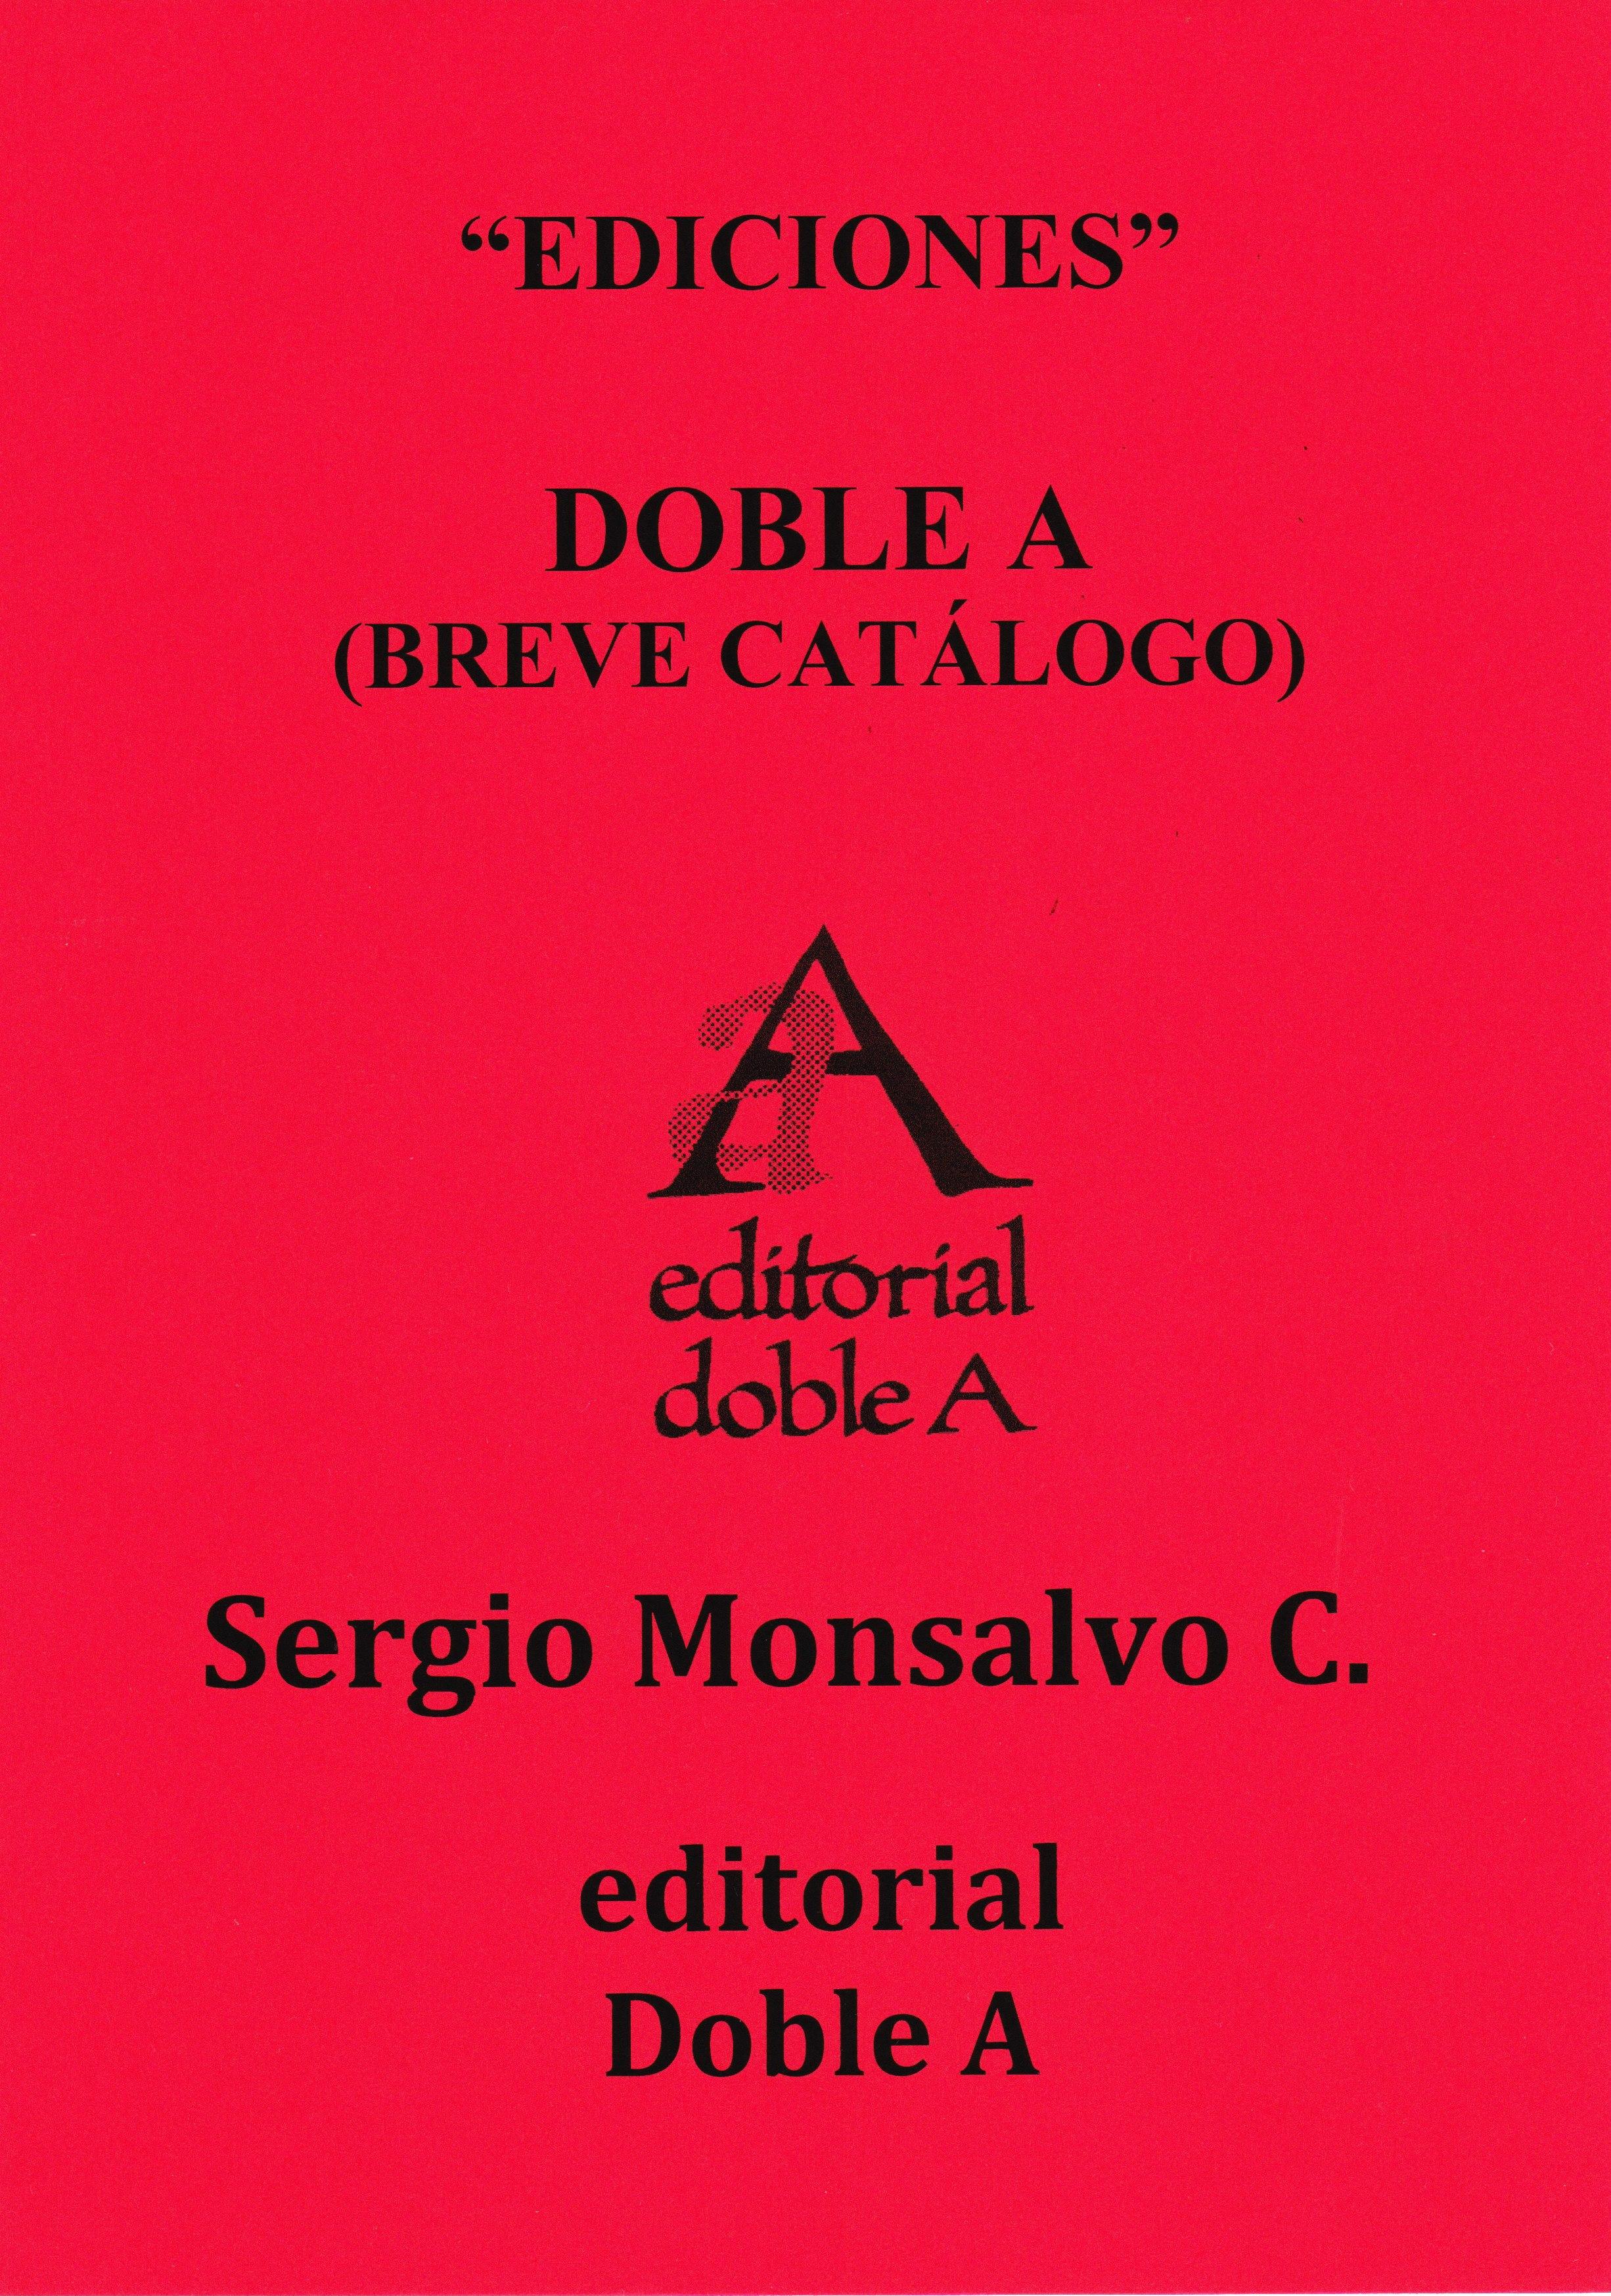 DOBLE A CATÁLOGO (PORTADA)